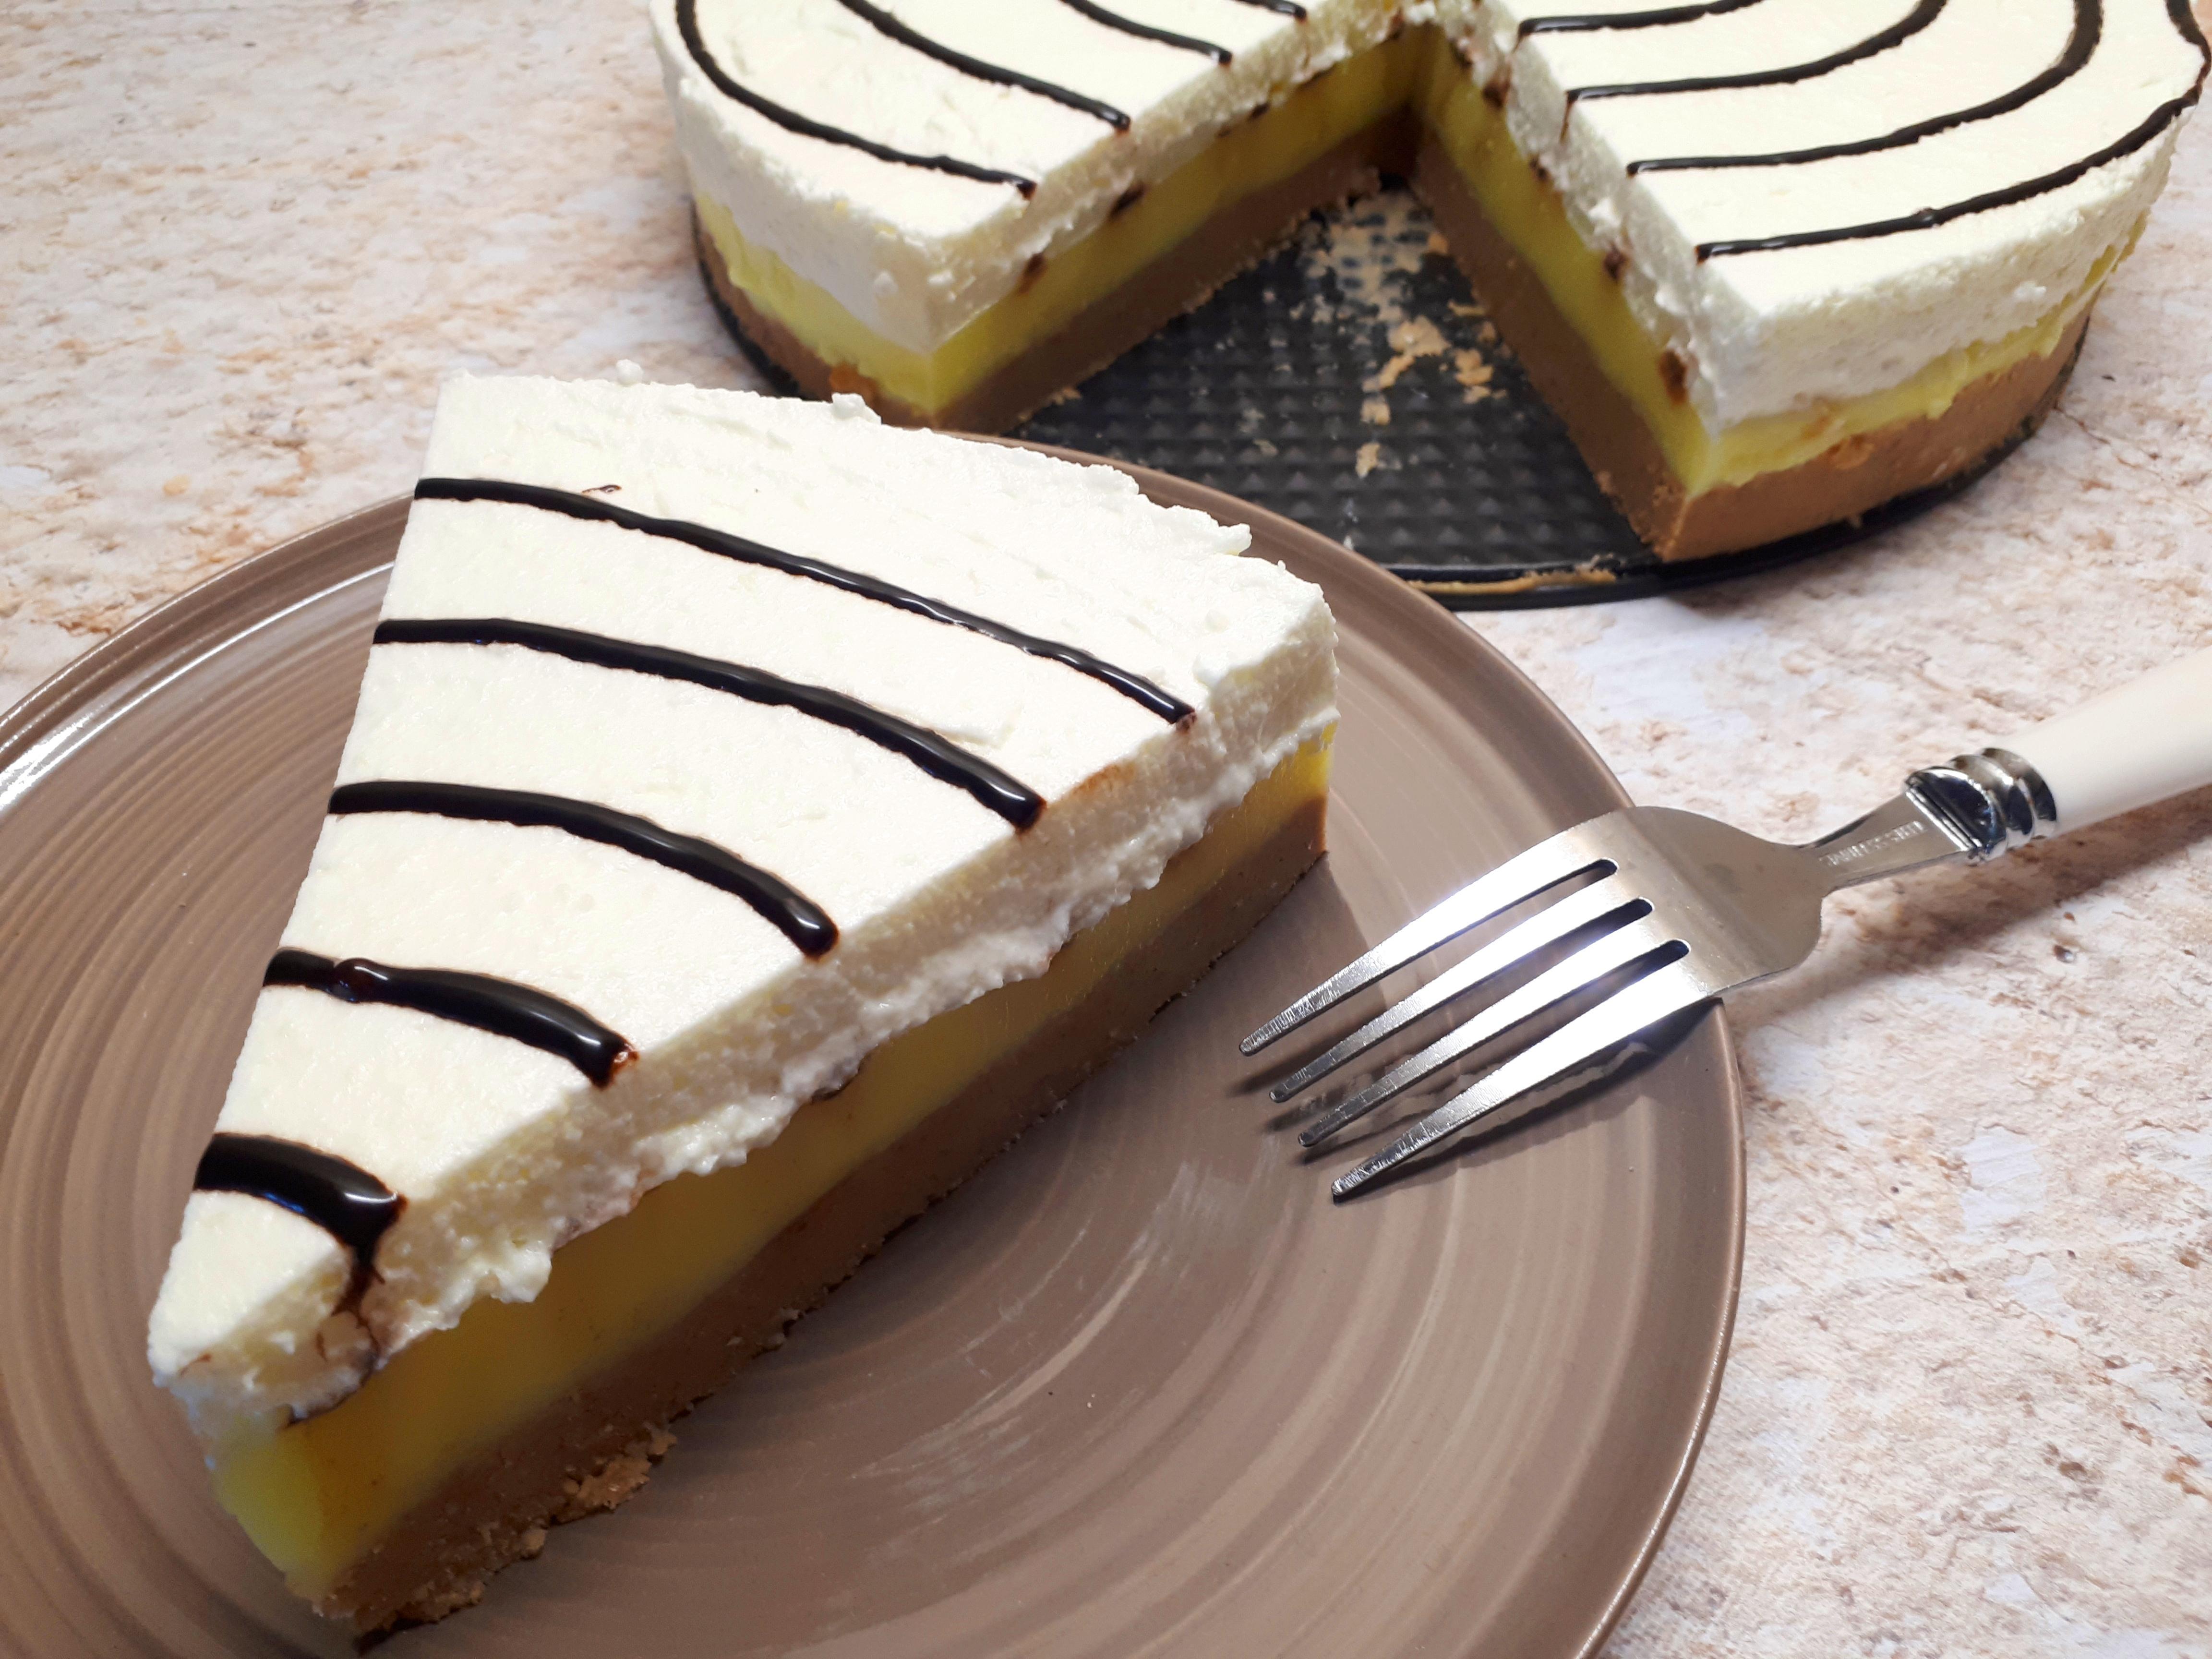 Cukormentes gesztenyetorta, diétás gesztenyés krémes sütés nélkül, diétás kekszből